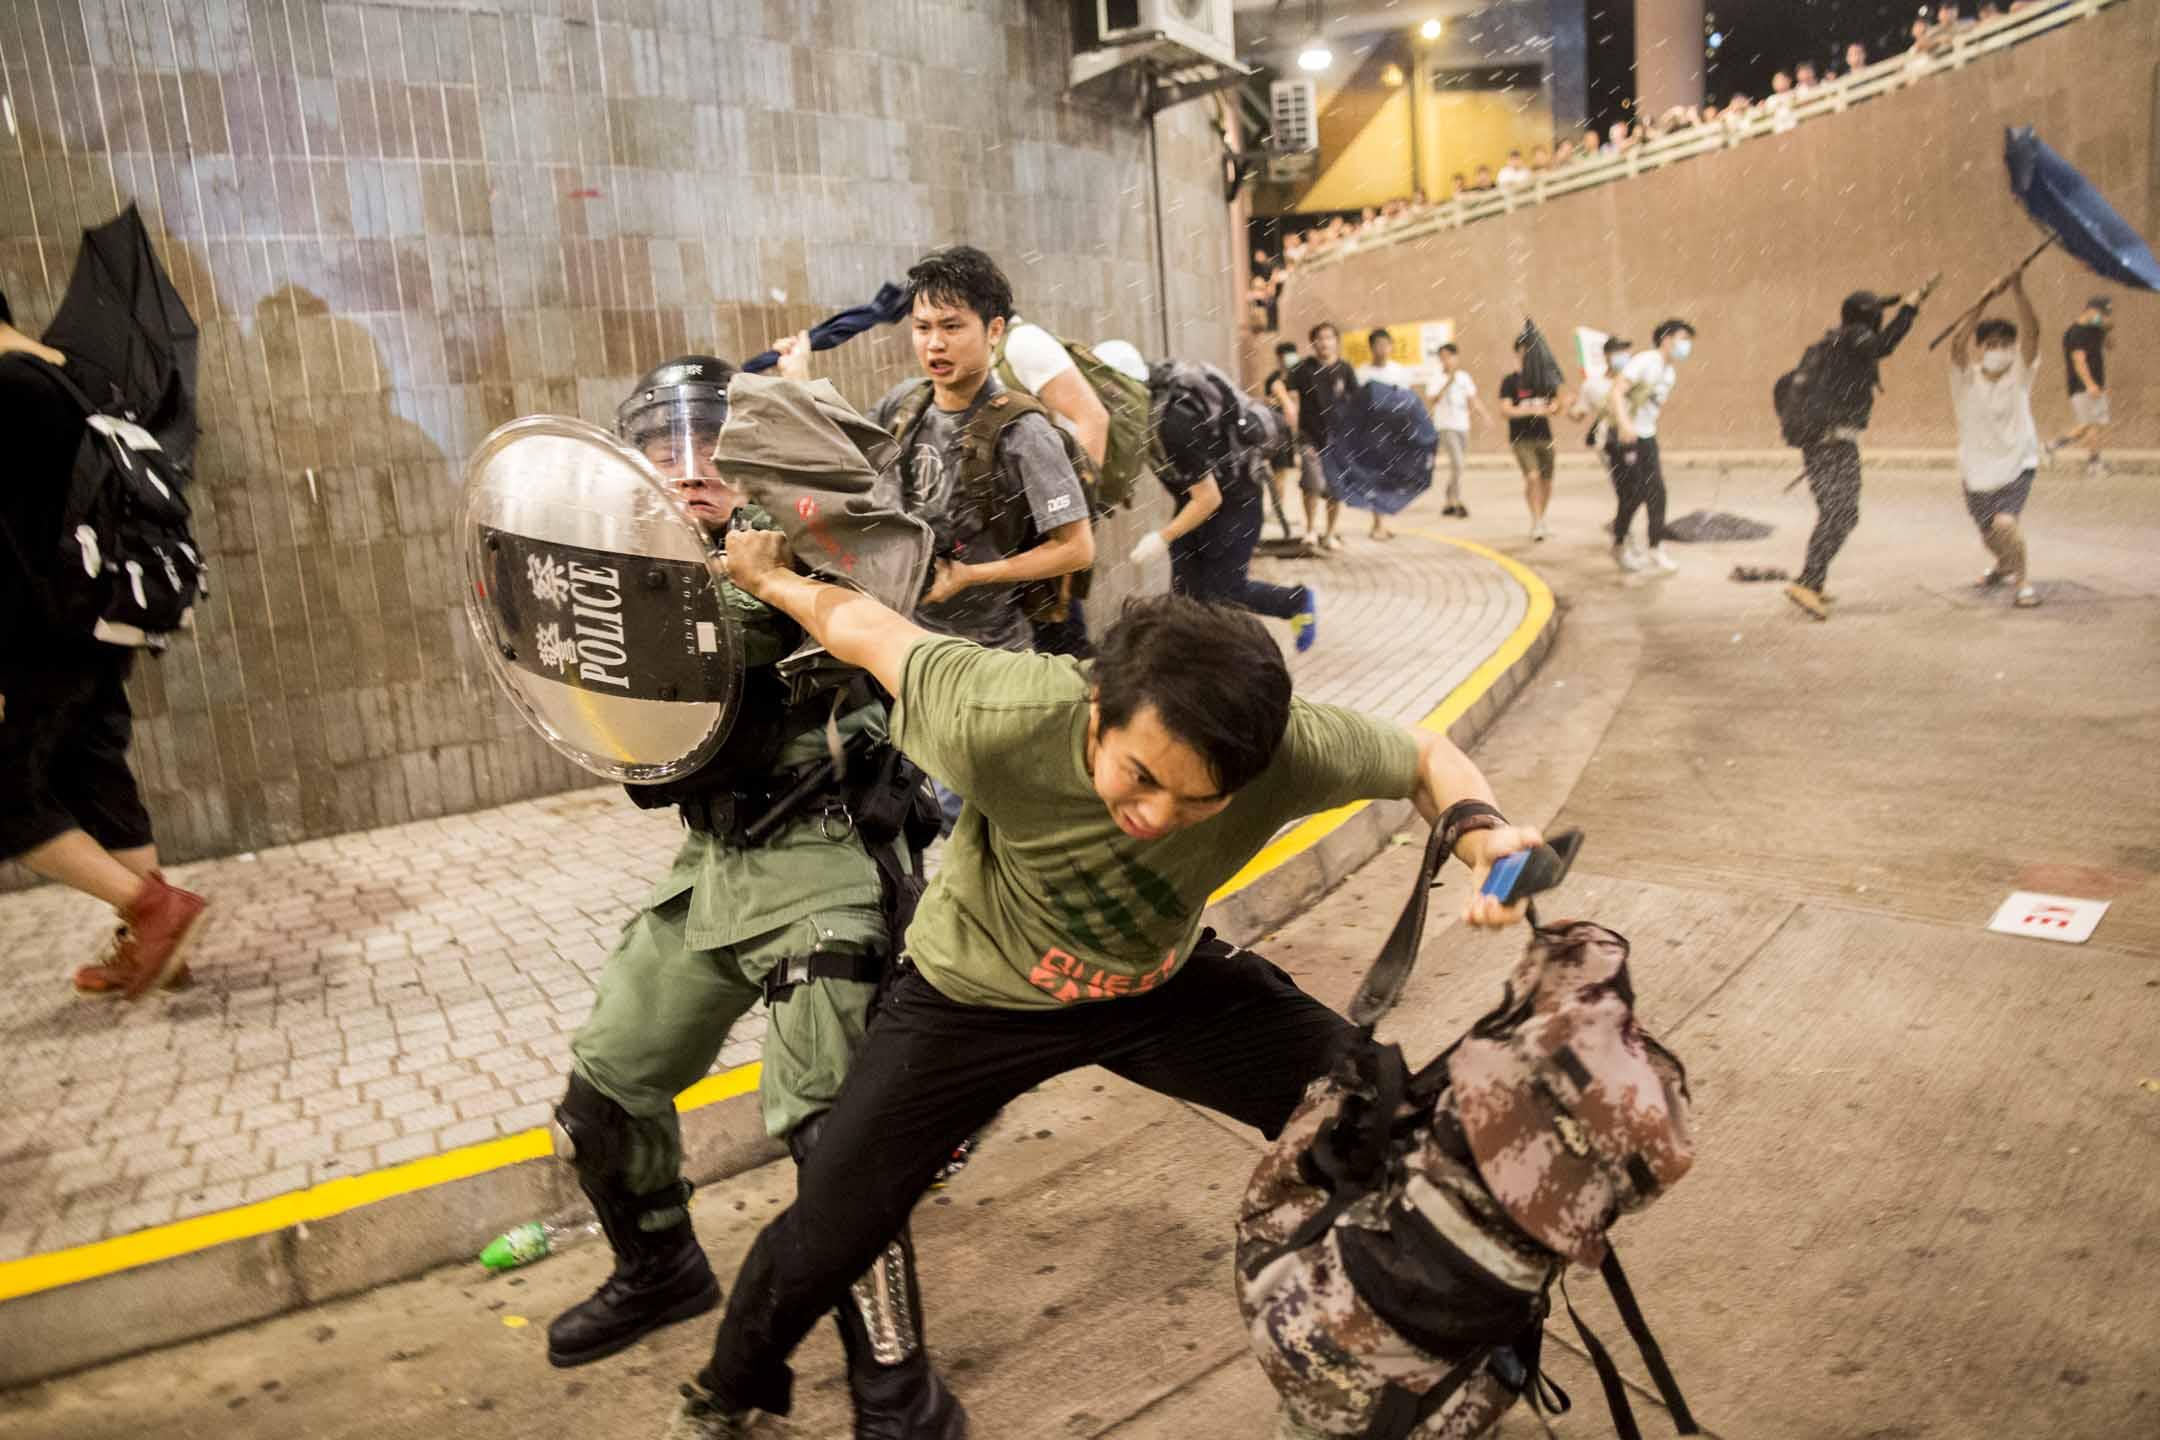 被包圍的警車內警察,突然衝出來以警棍及胡椒噴霧驅散包圍警車的市民。